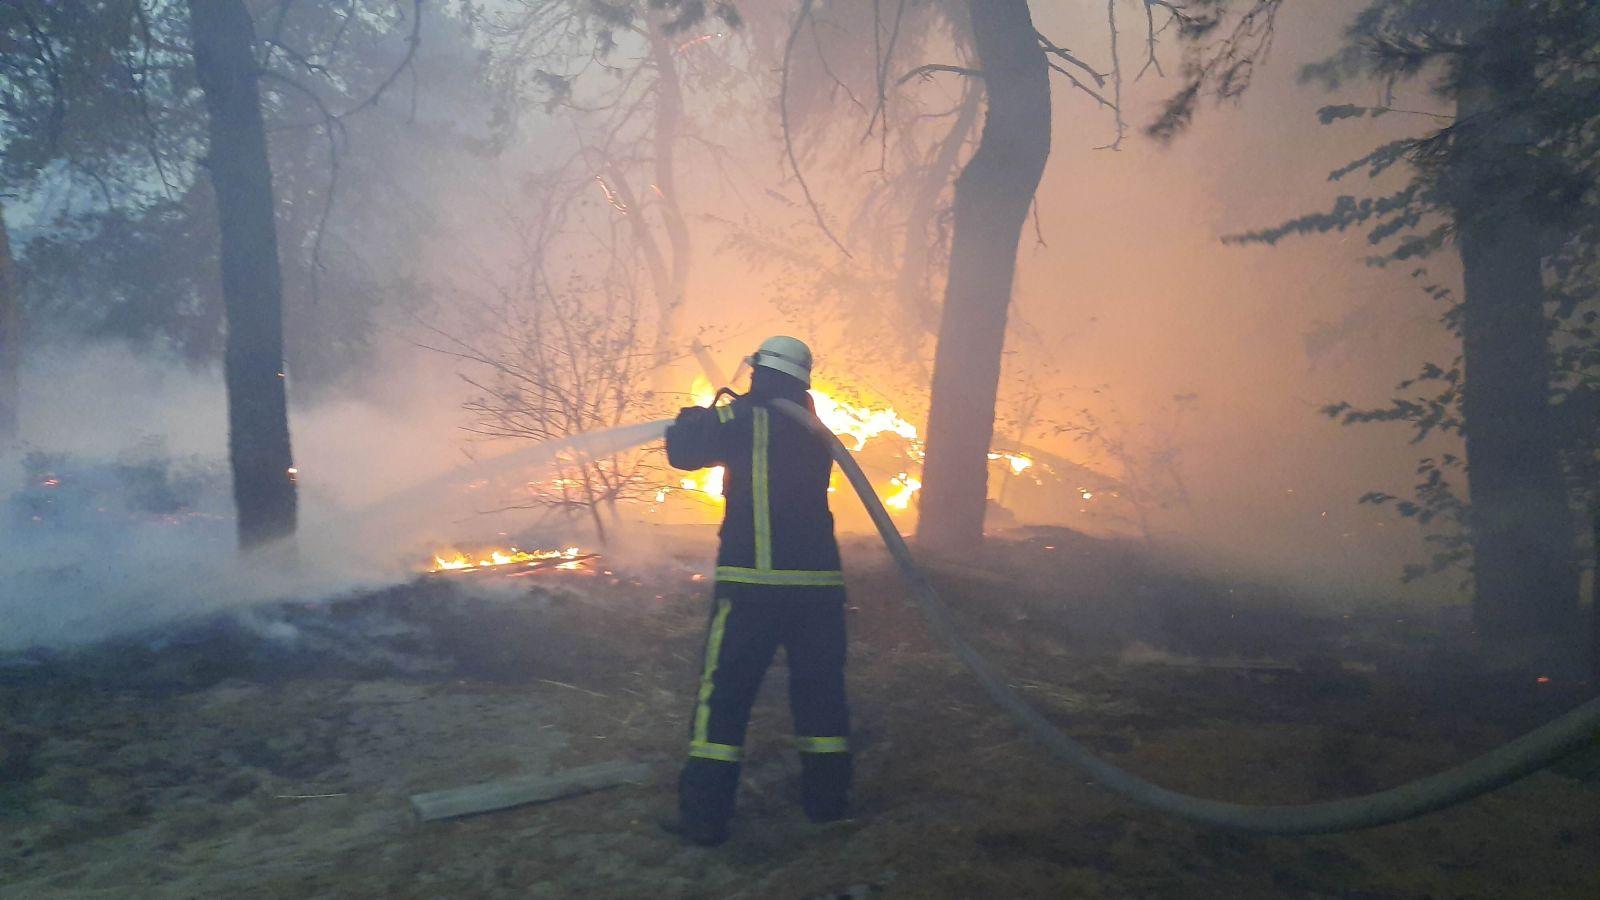 Пылающий восток. Что известно о причинах и ущербе пожаров на Луганщине